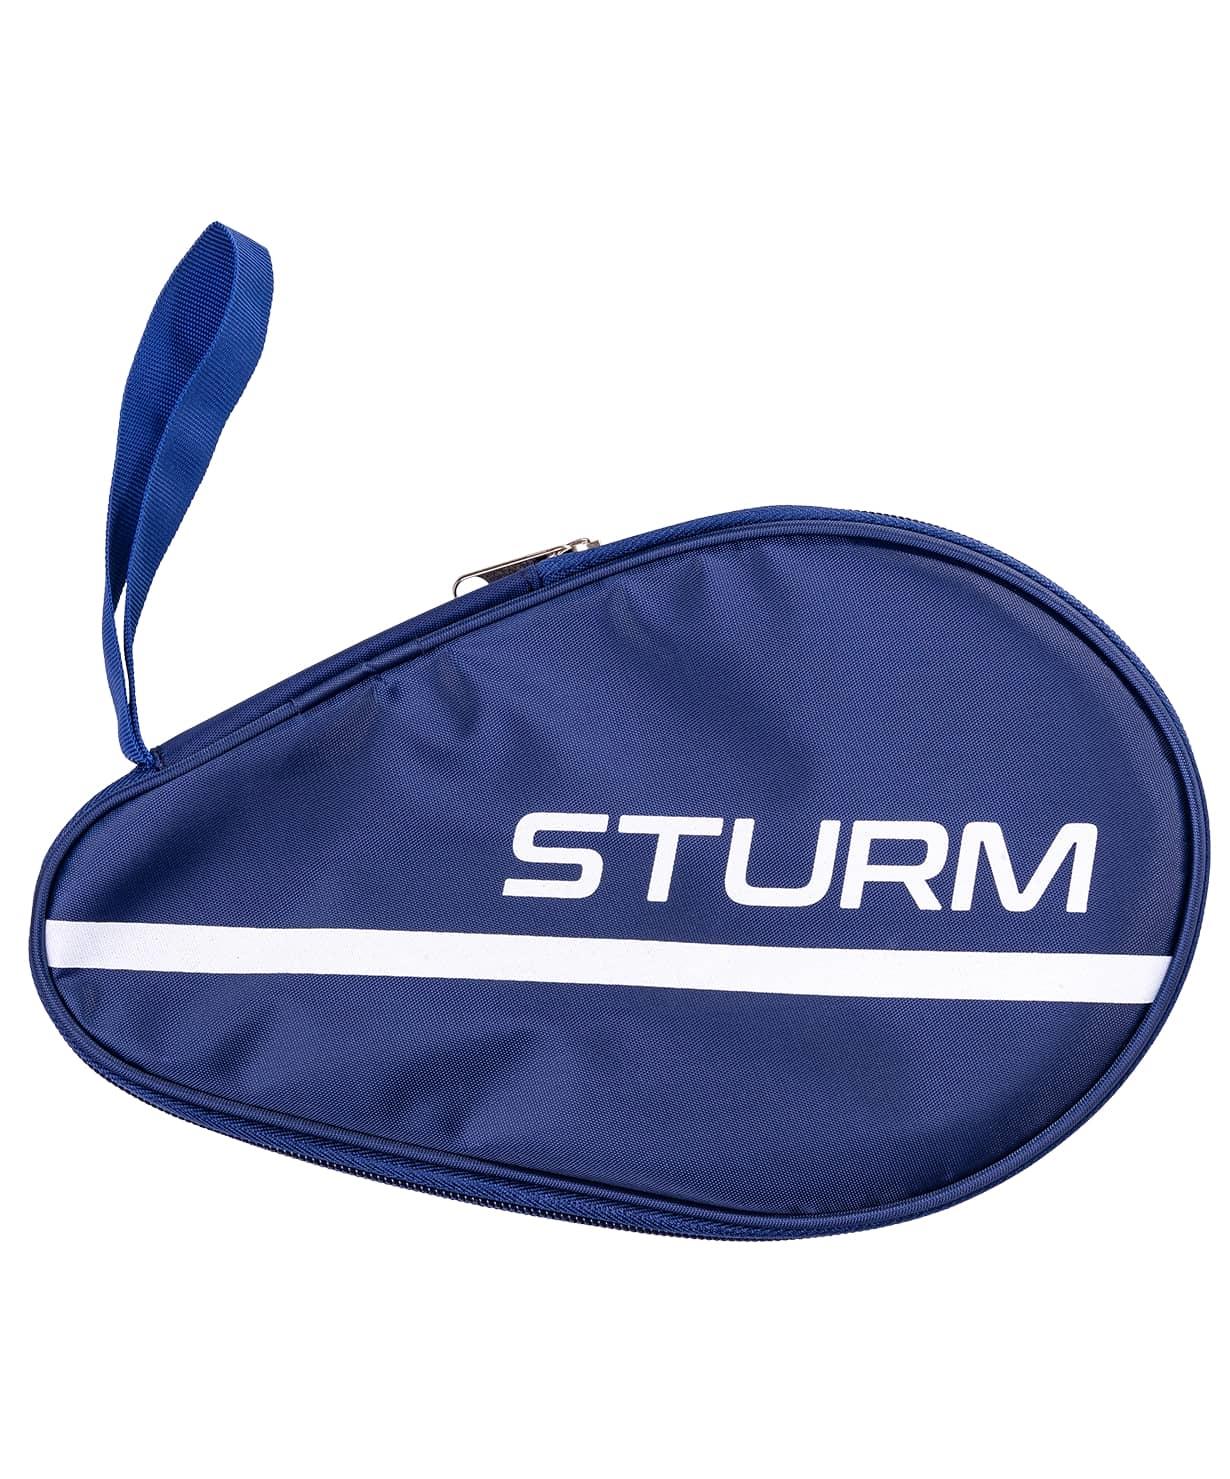 Чехол для ракетки для настольного тенниса CS-01, для одной ракетки, синий